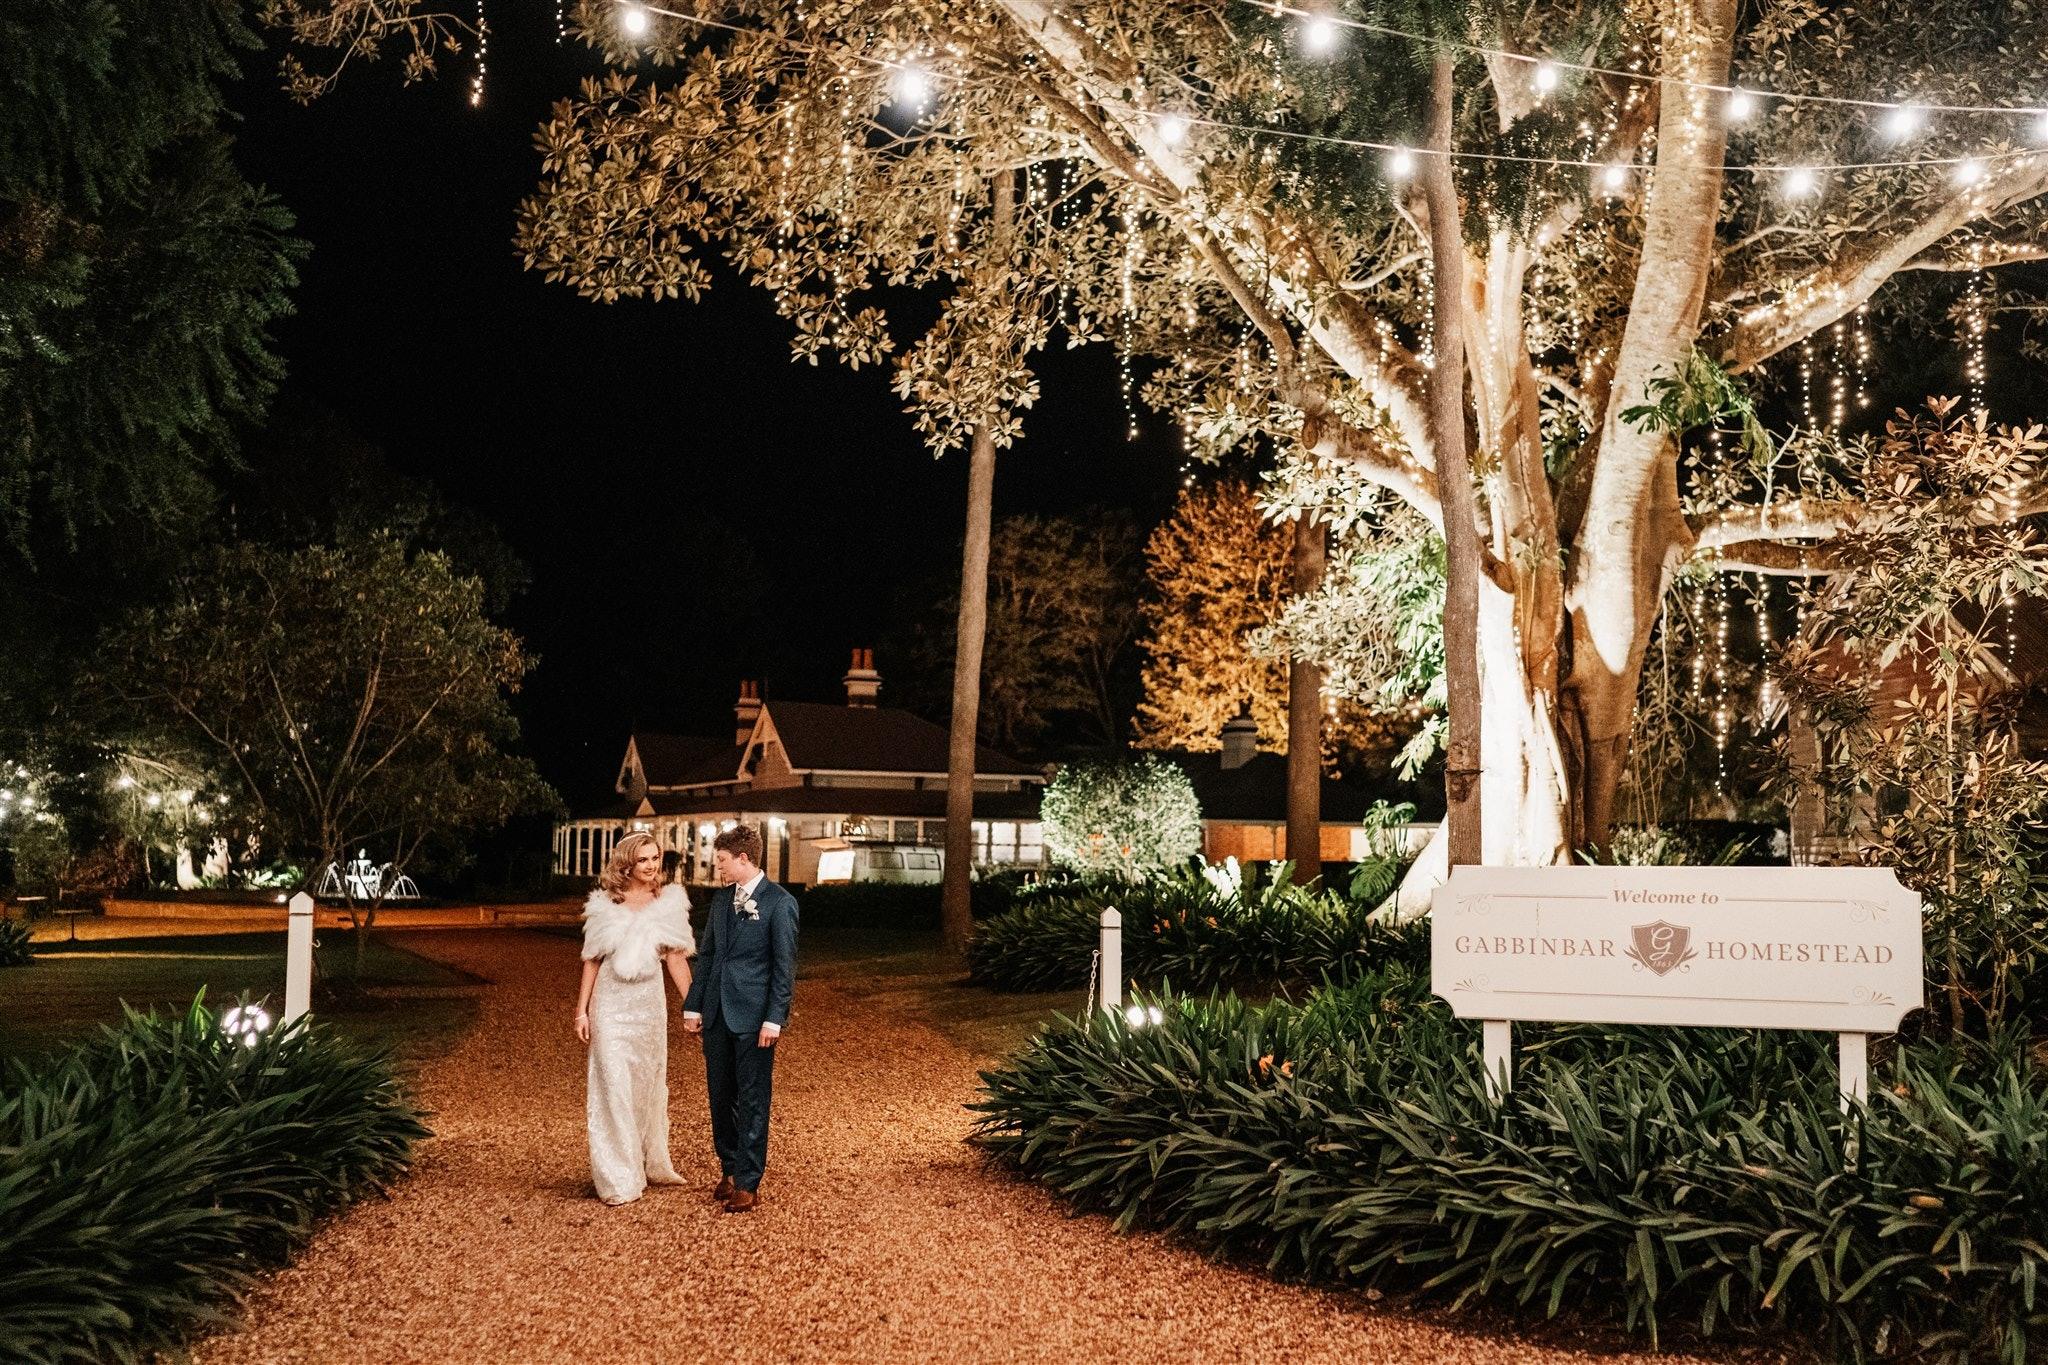 Couple stroll in Toowoomba night garden